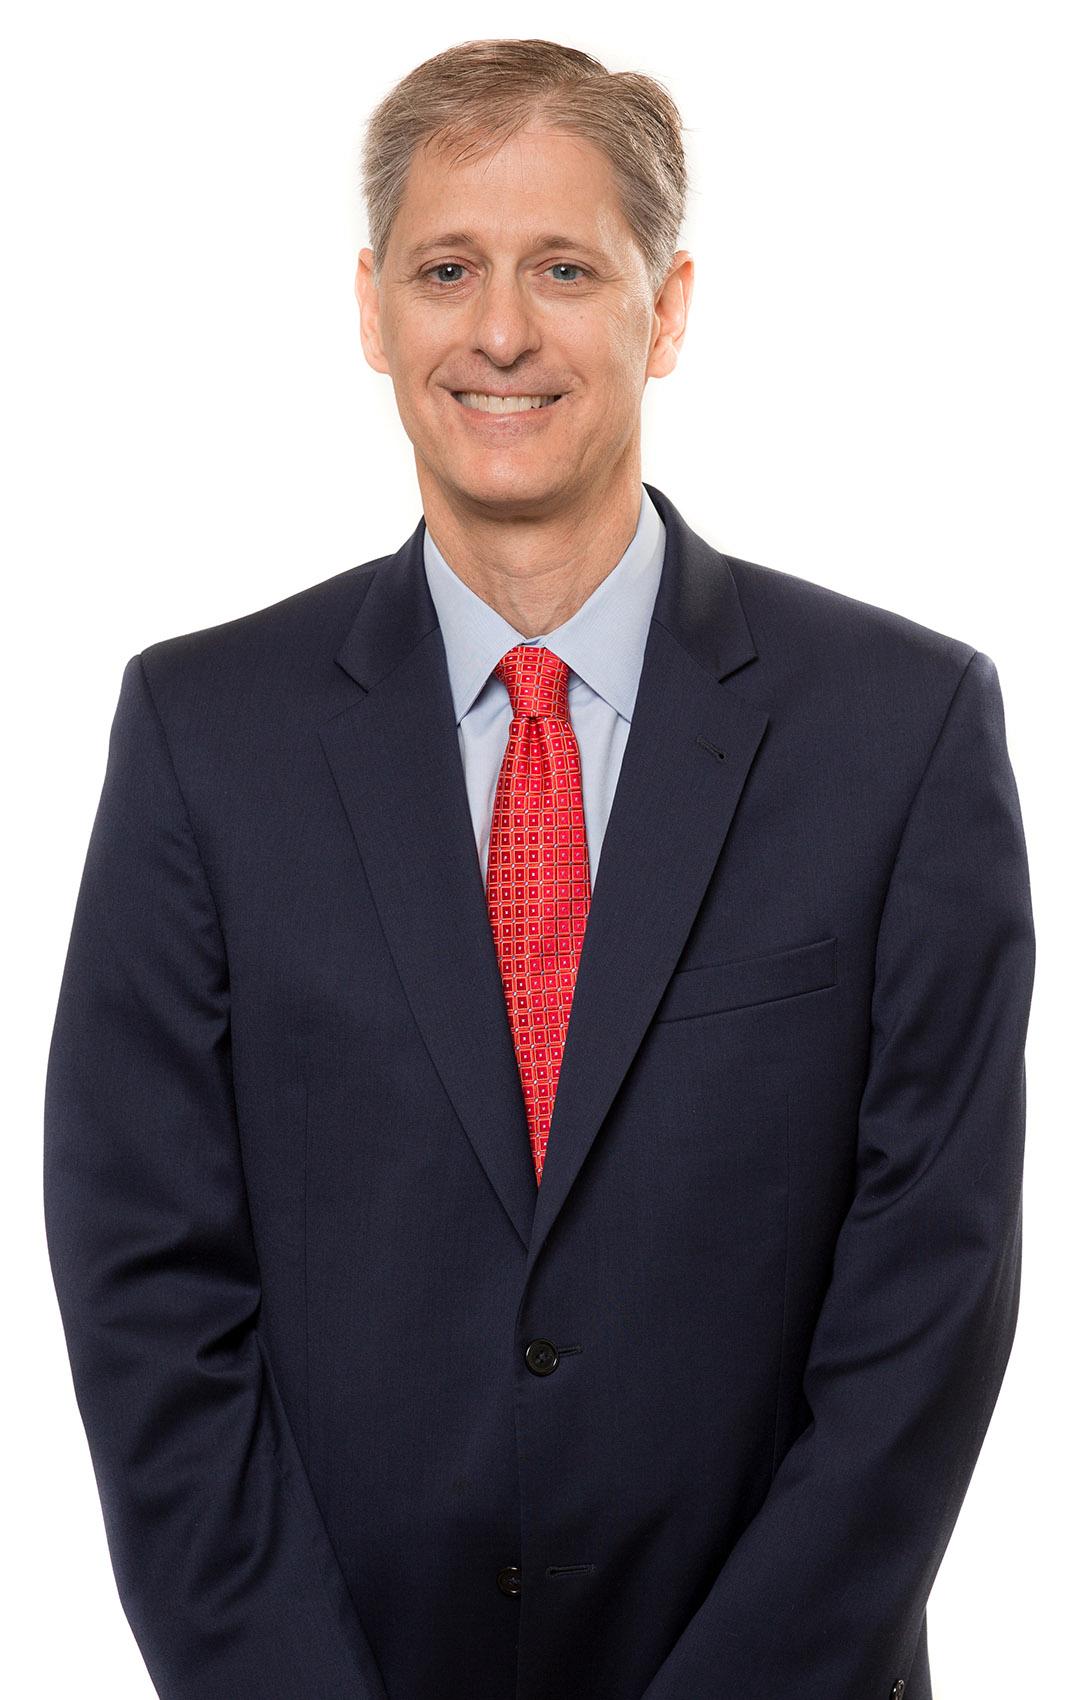 Carl S. Rosen